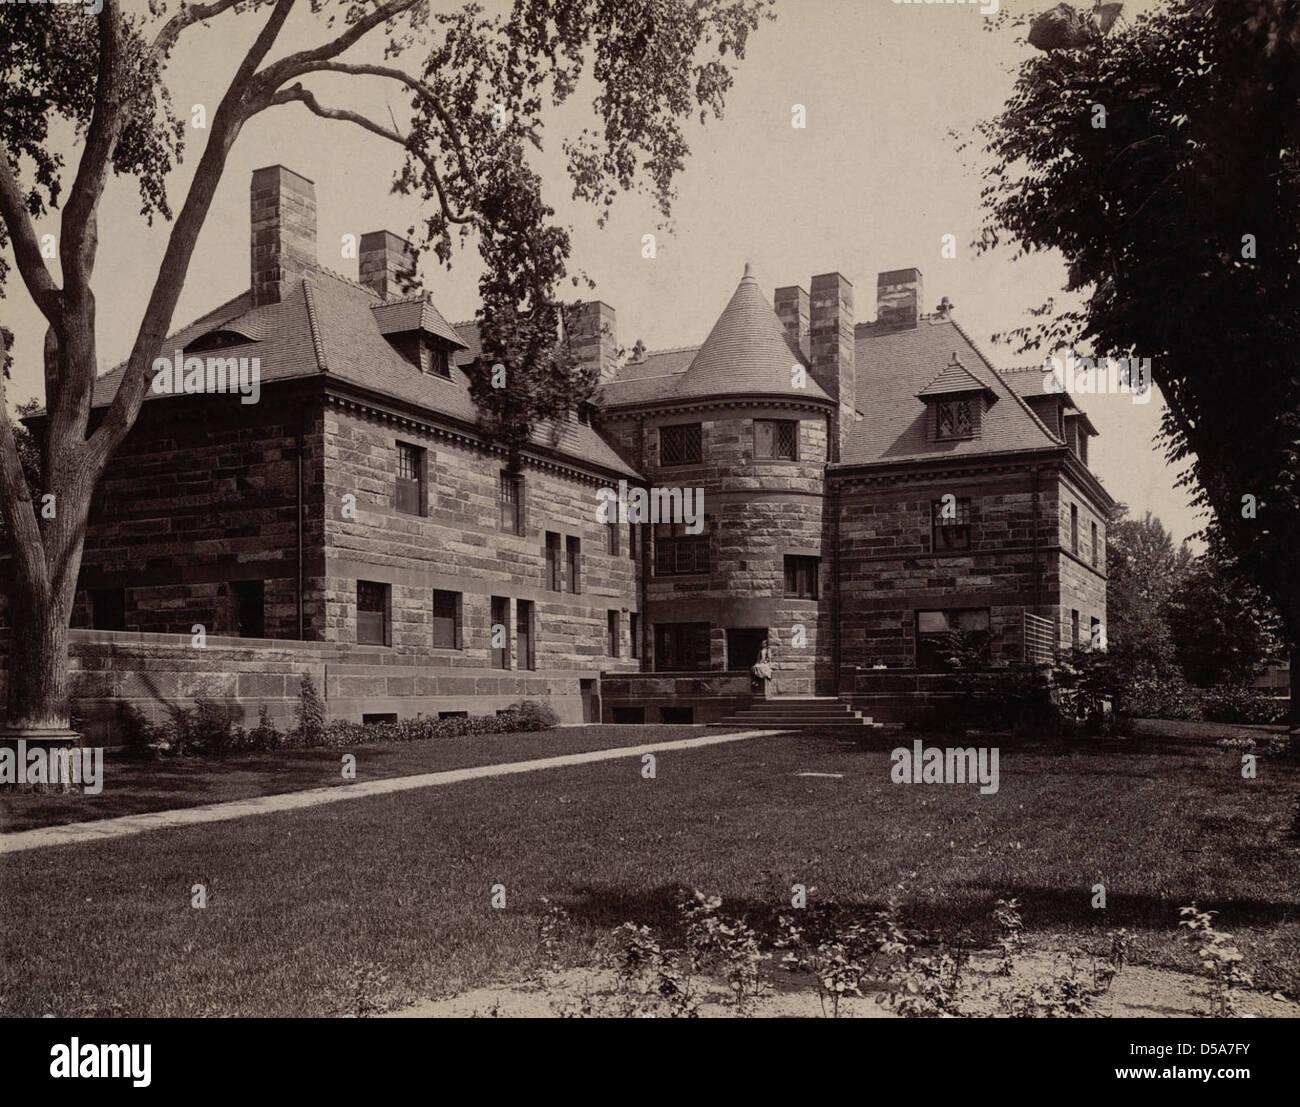 Edwin H. Abbot House Stock Photo